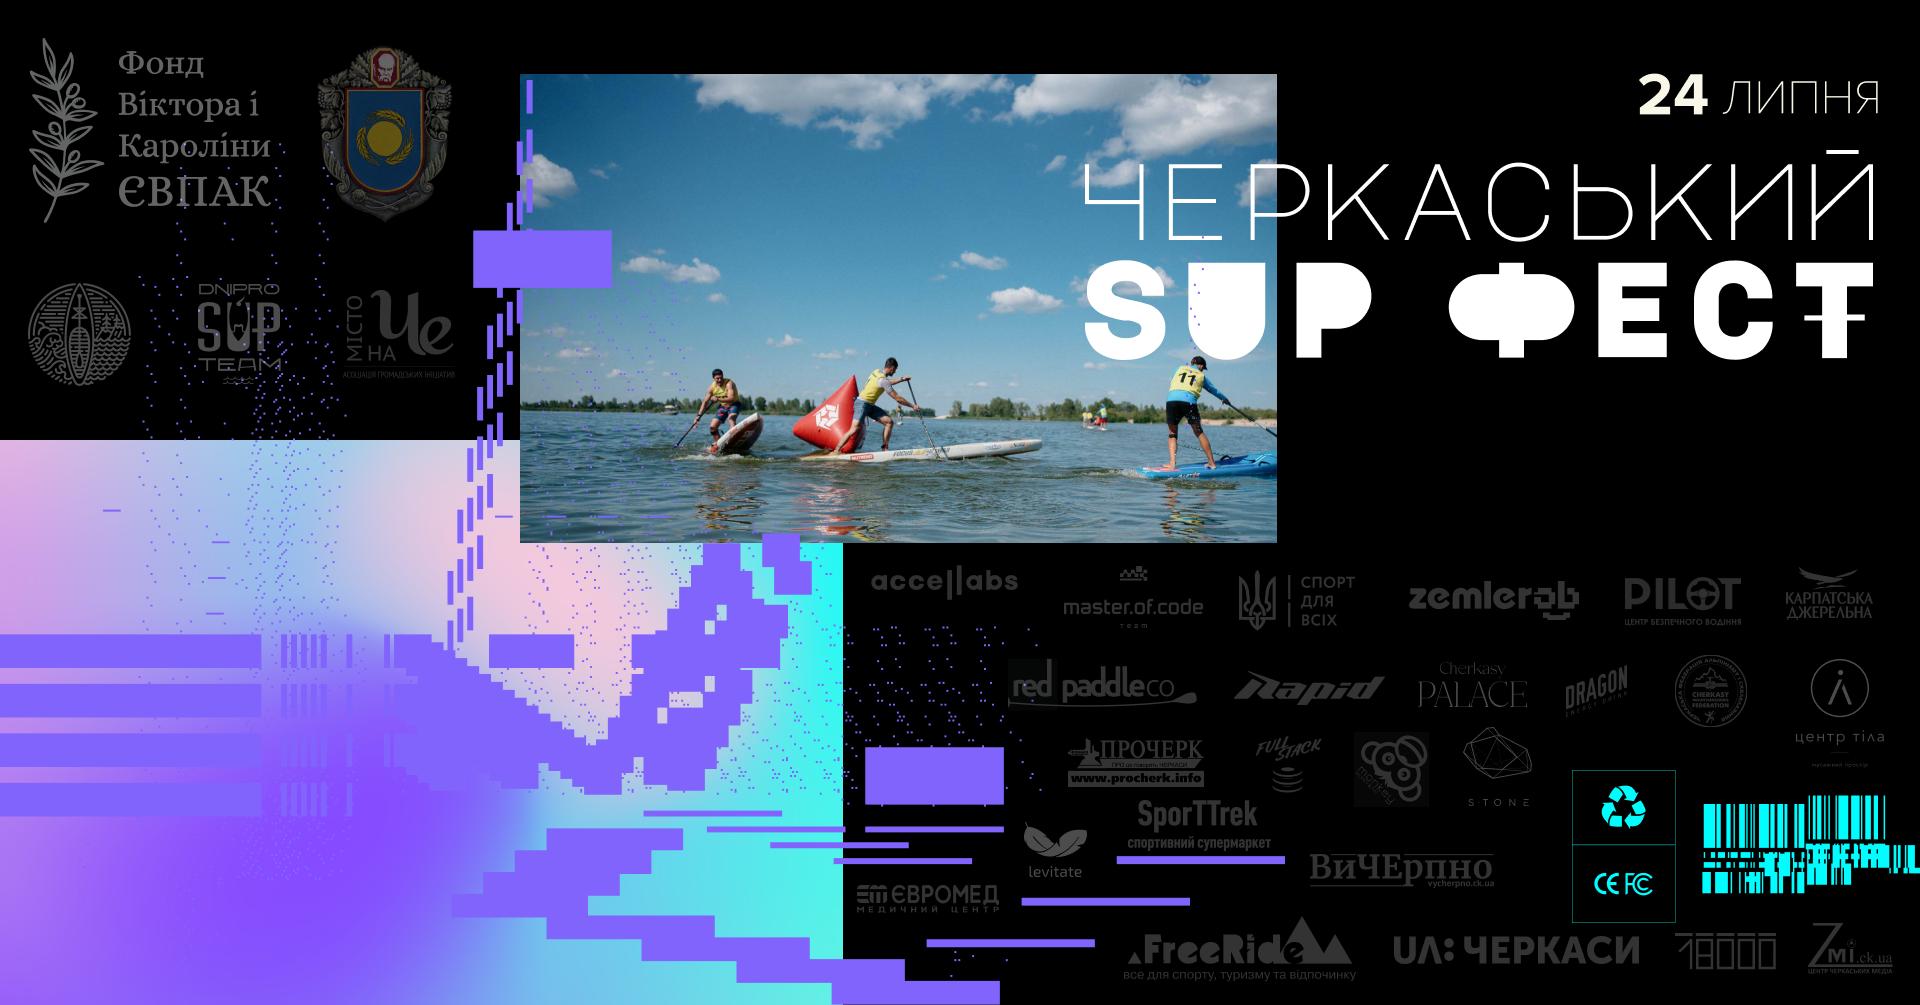 """""""Черкаський SUP Фест 3.0."""" відбудеться цієї суботи"""